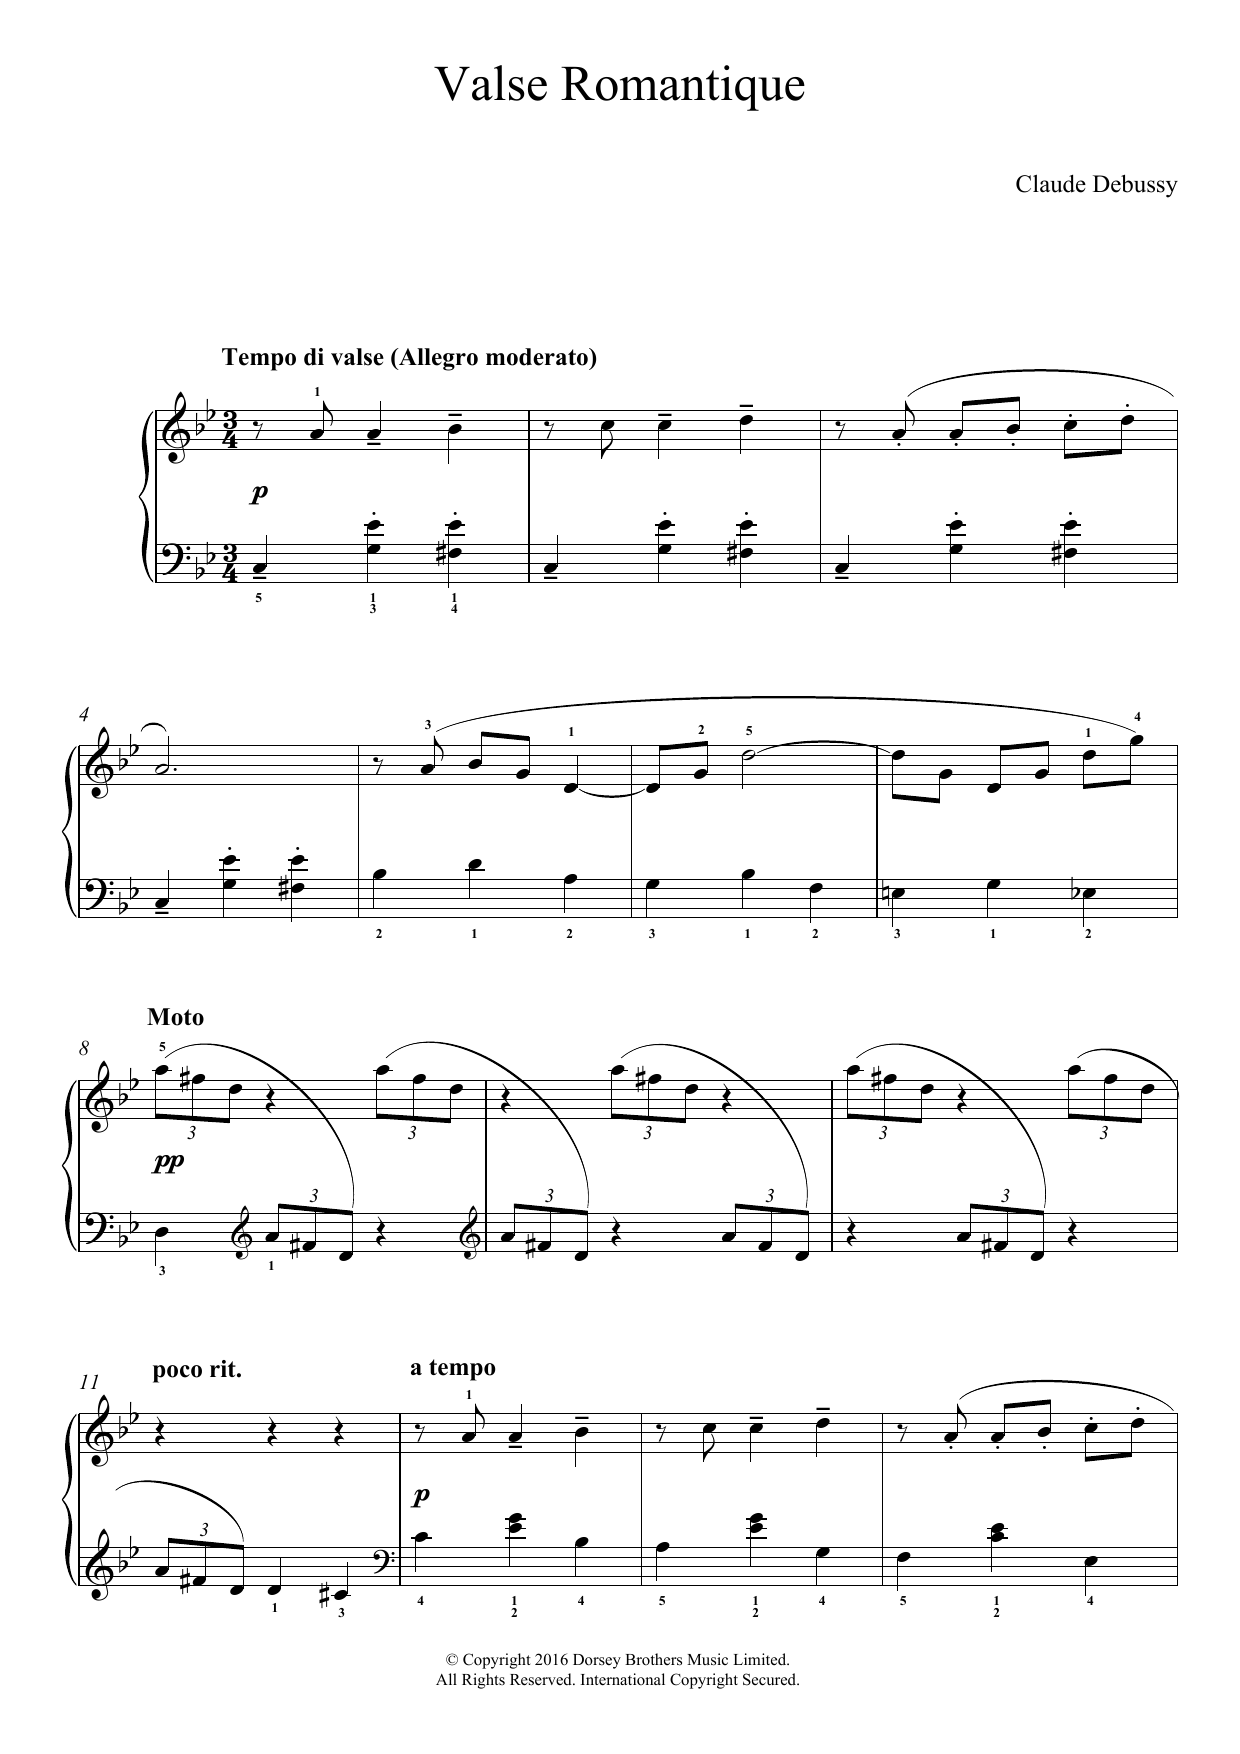 Claude Debussy - Valse Romantique